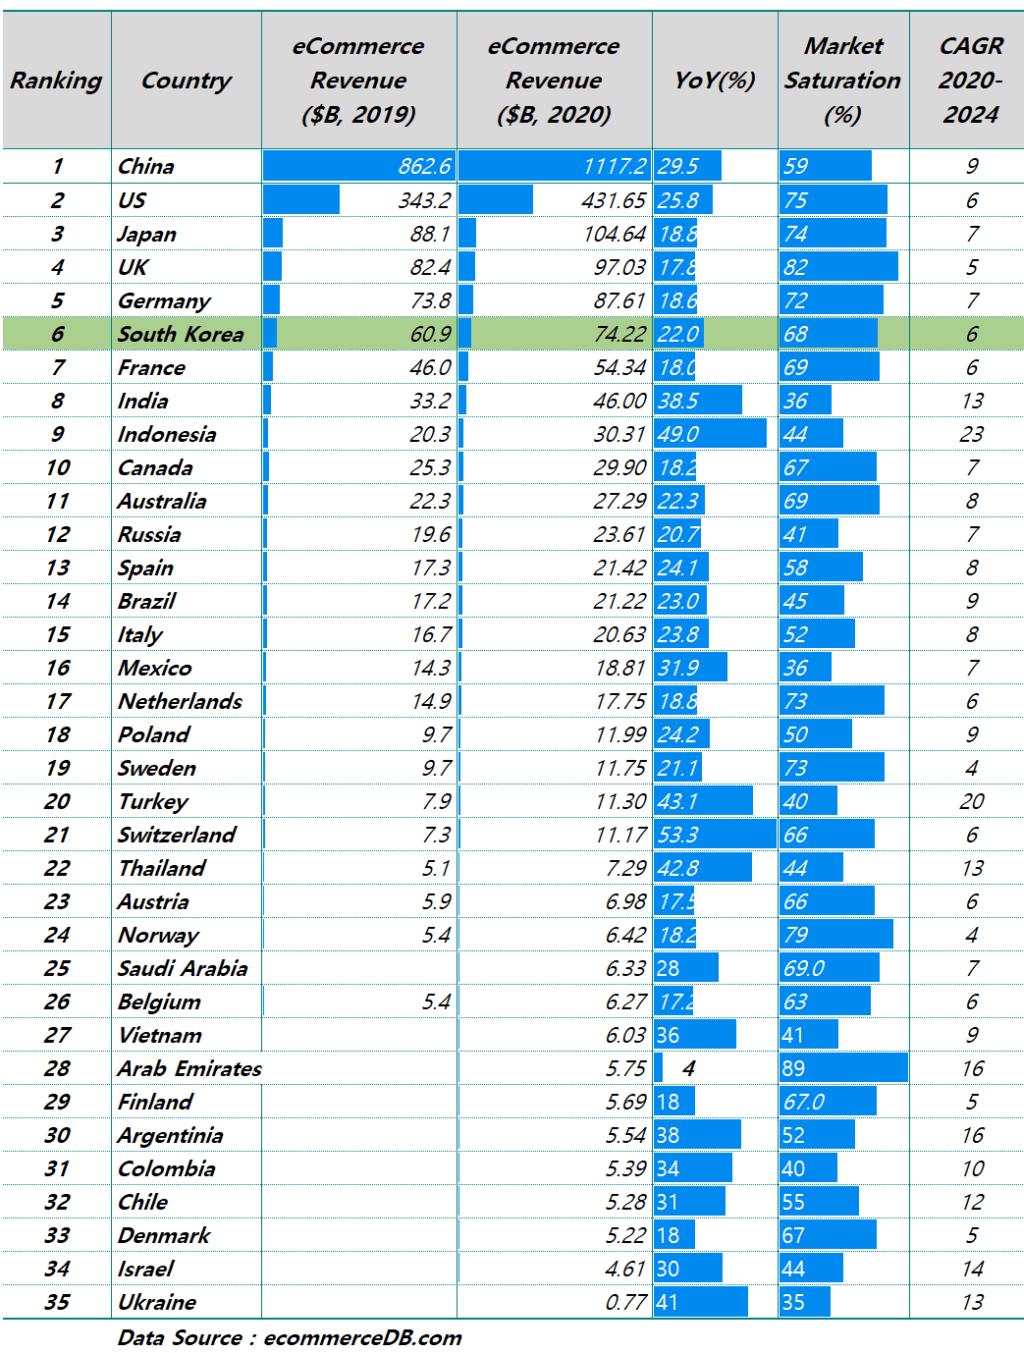 2020년 국가별 이커머스 시장규모(매출 기준) 및 성장율 비교, Data from ecommerceDB, Graph by Happist